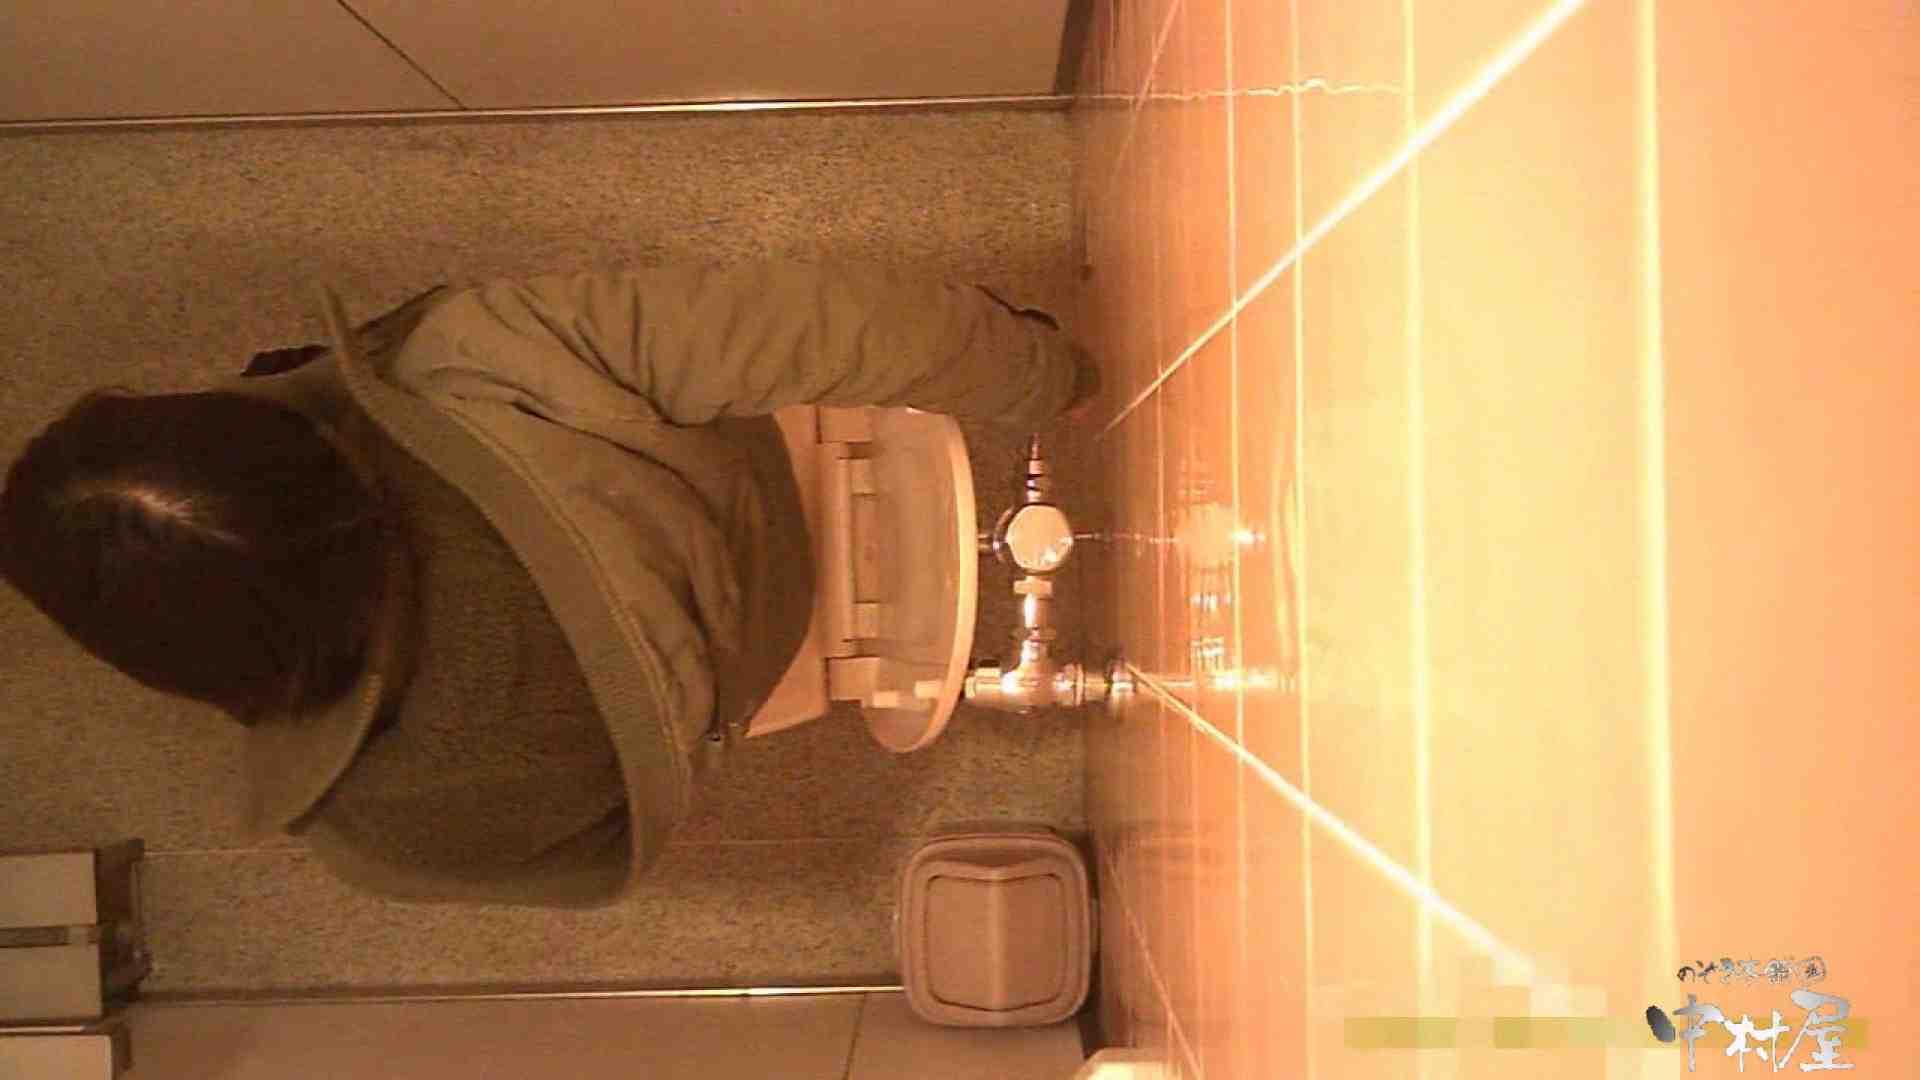 初盗撮!女盗撮師カレンさんの 潜入!女子トイレ盗撮!Vol.5 女子トイレ | 盗撮  61pic 17